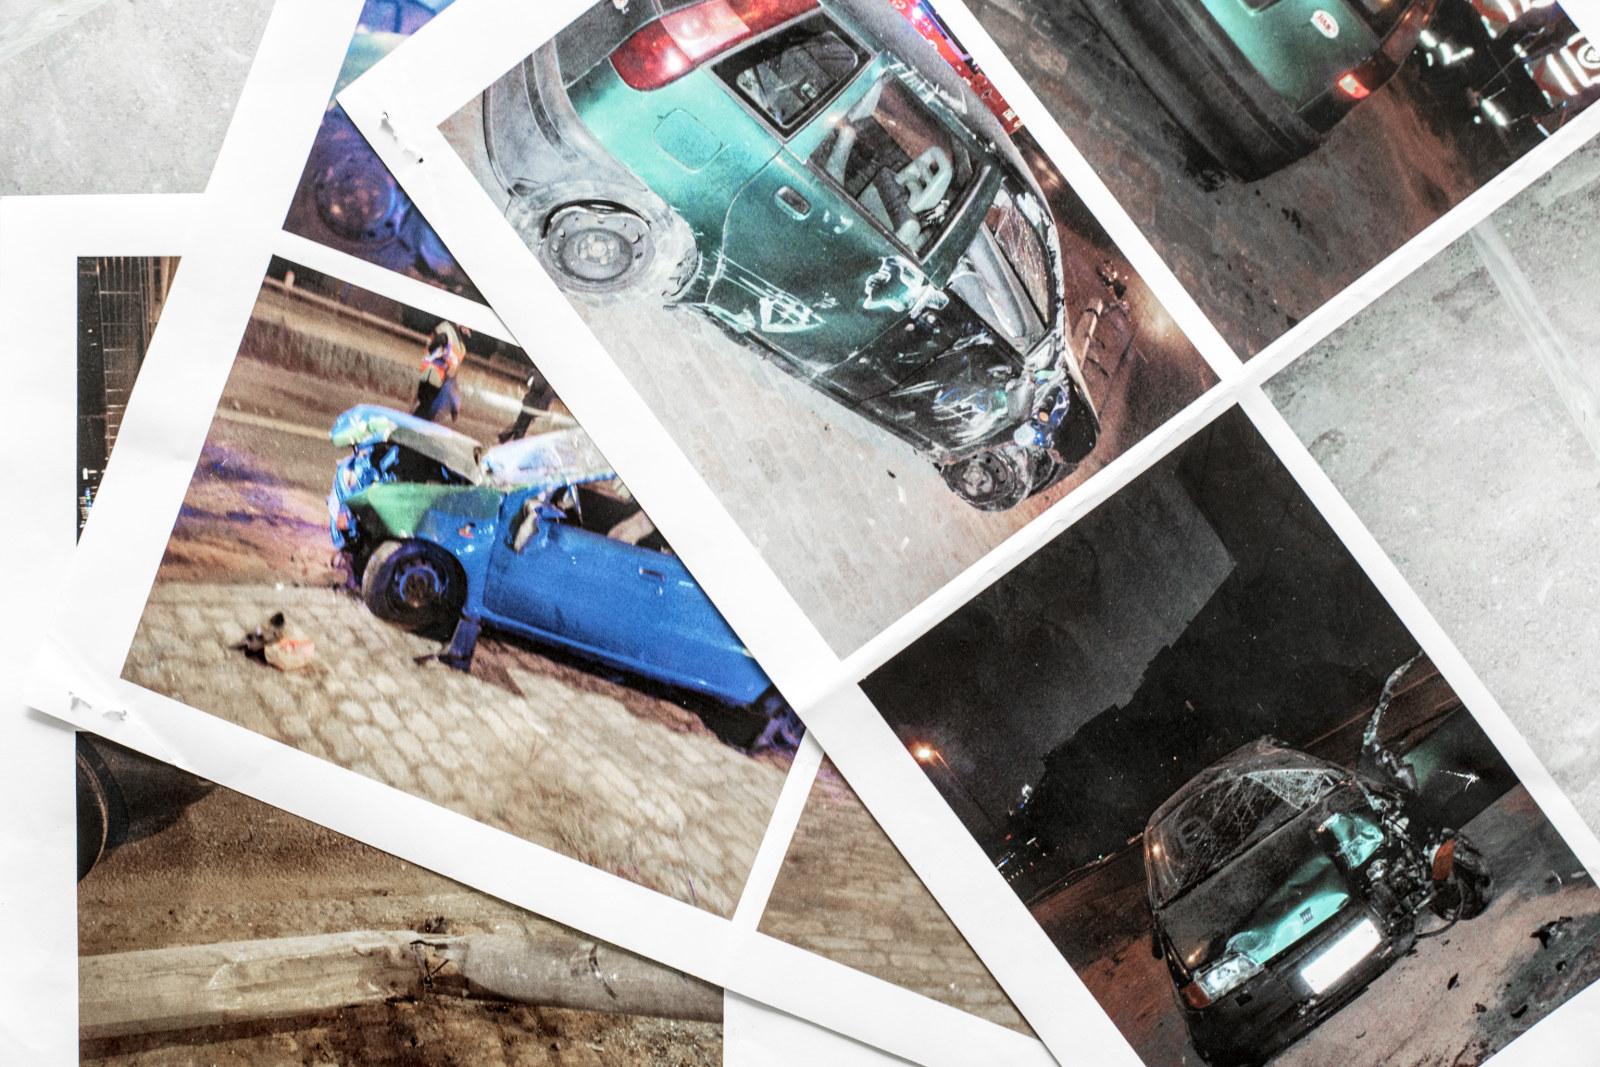 Pöydällä poliisin ottamia valokuvia kolaripaikalta, kuvissa pahoin vaurioitunut auto.